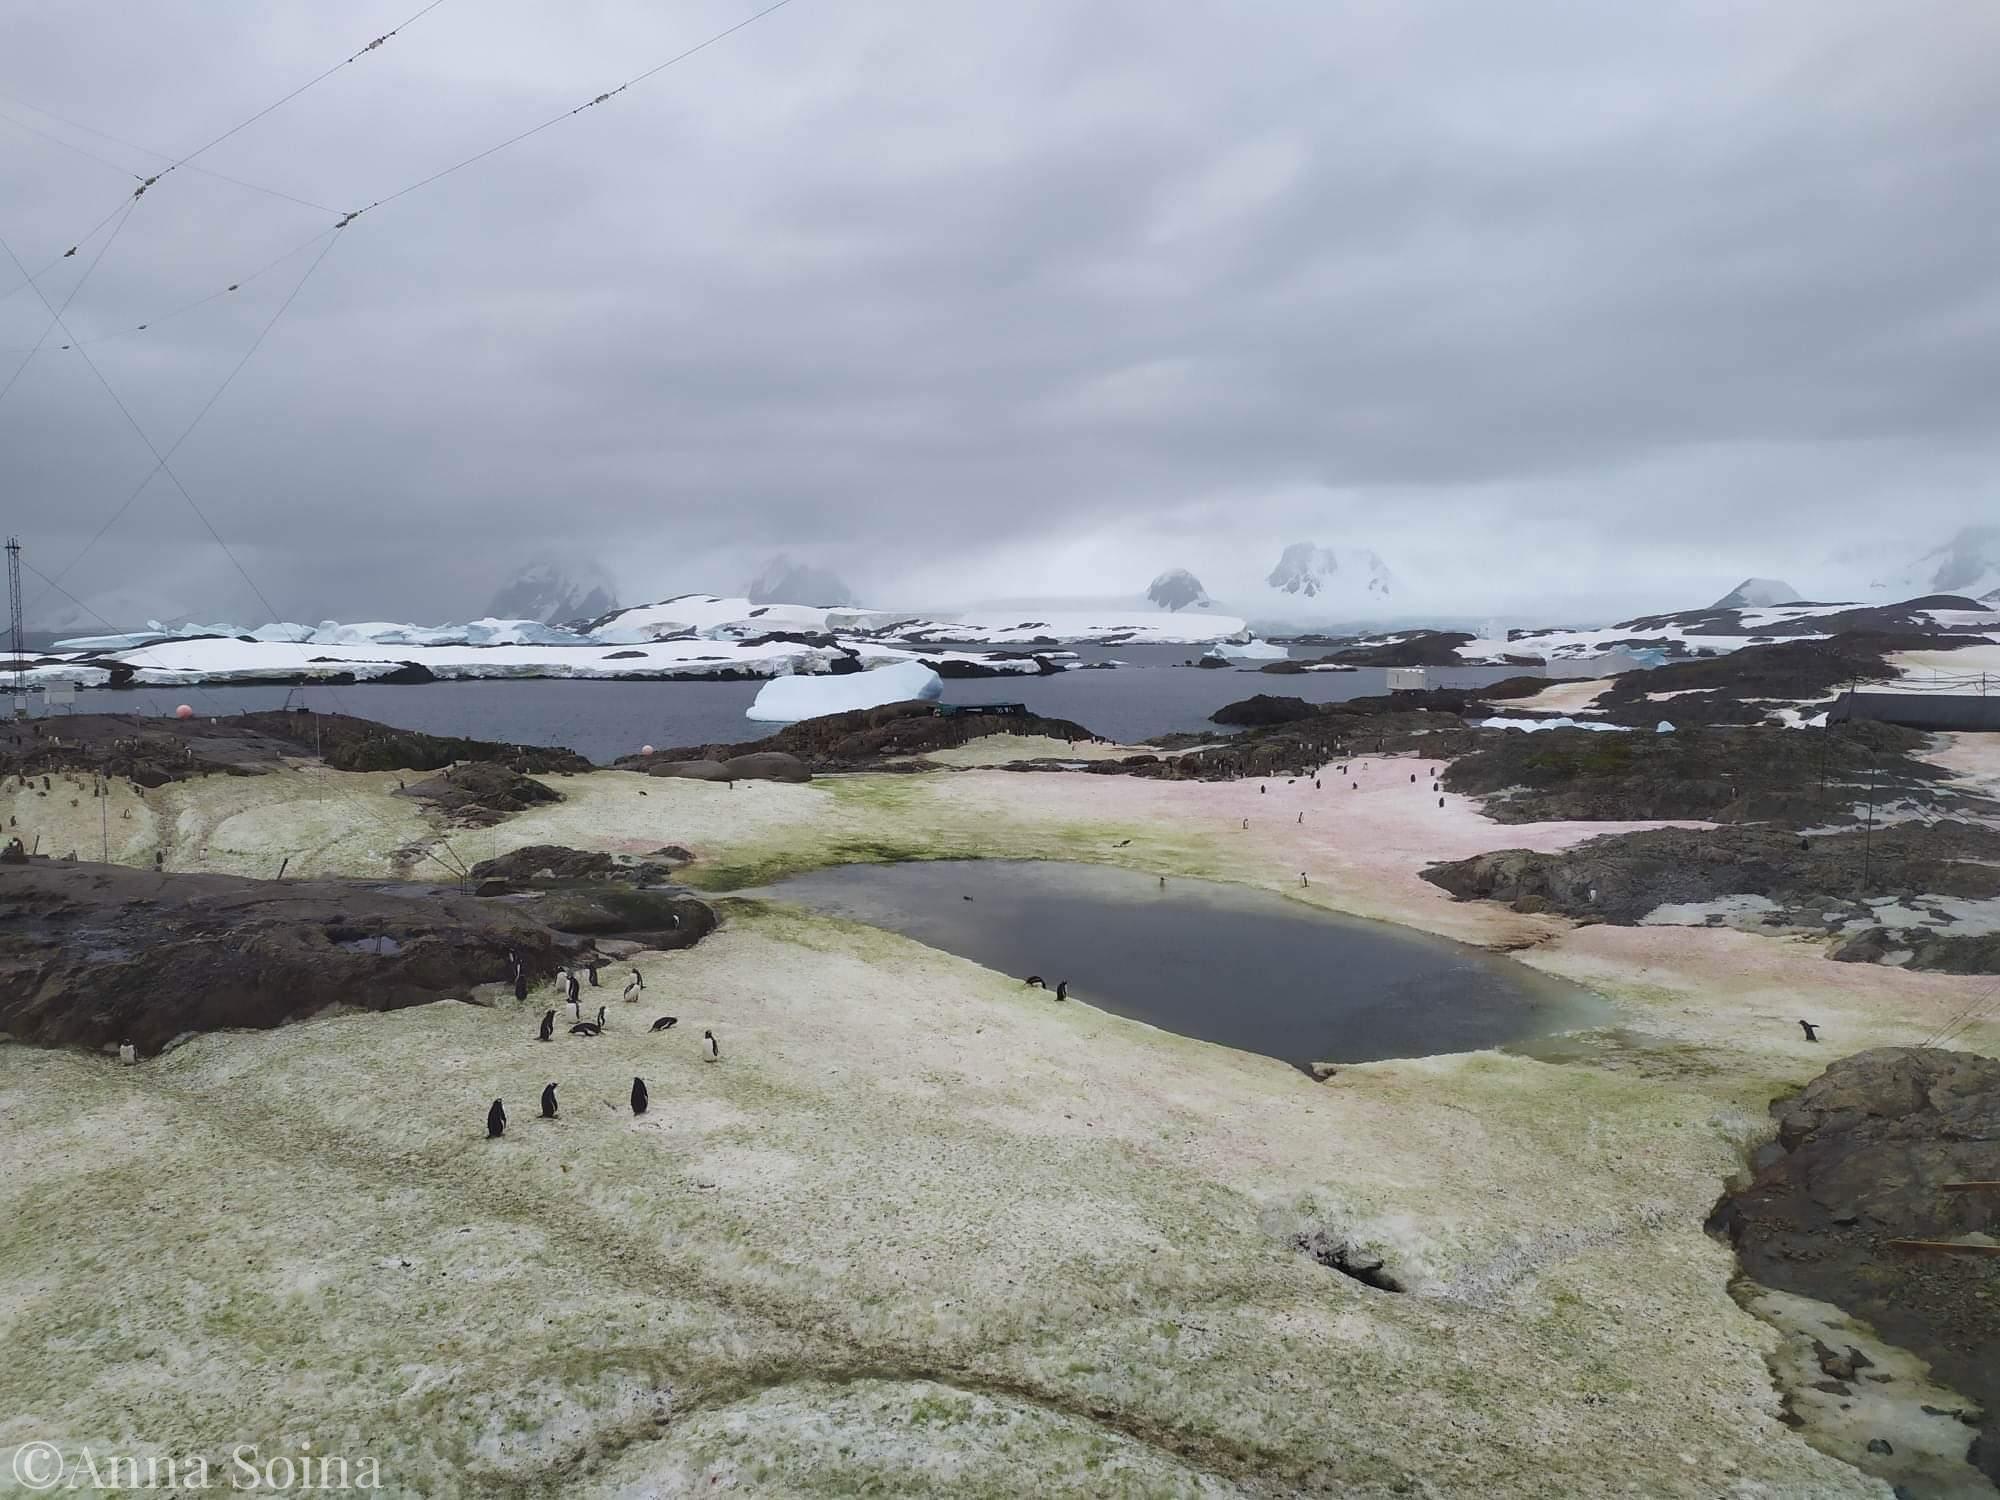 Сніг із зеленим відтінком в Антарктиді